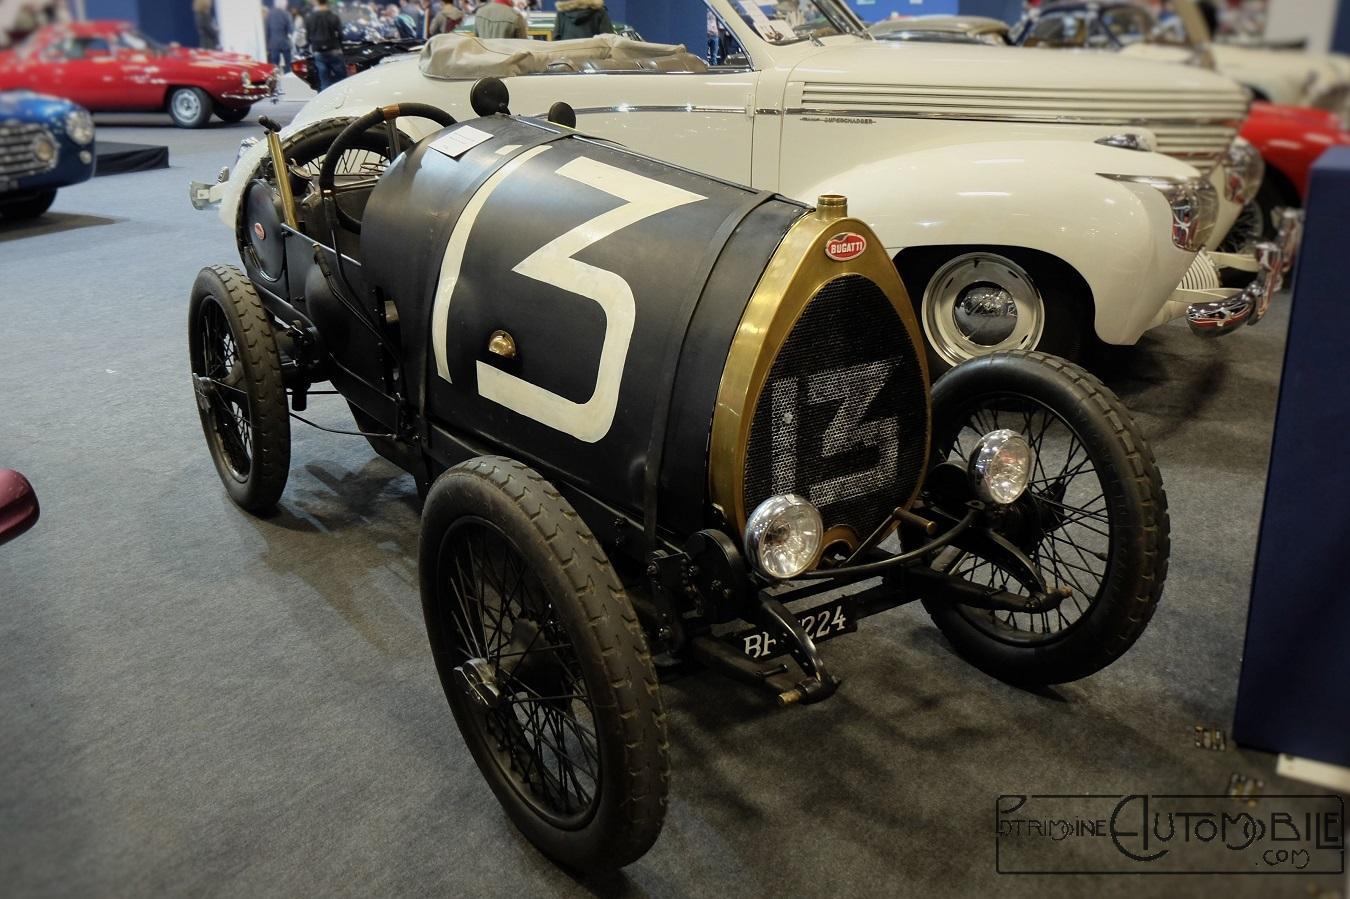 type 13 brescia bugatti] with 28+ More Ideas Bugatti Type on bugatti type 18, bugatti type 32, bugatti type 1, bugatti type 57, bugatti type 78, bugatti type 40, bugatti type 35, ettore bugatti, bugatti type 51, bugatti type 55, bugatti type 50, bugatti type 59, bugatti type 44, bugatti type 53, bugatti eb118, bugatti 16c galibier concept, bugatti z type, bugatti type 101, bugatti type 252, bugatti 18/3 chiron, bugatti type 43, bugatti type 46, bugatti type 30, bugatti type 10, bugatti type 49, alfa romeo p2, bugatti type 35b,